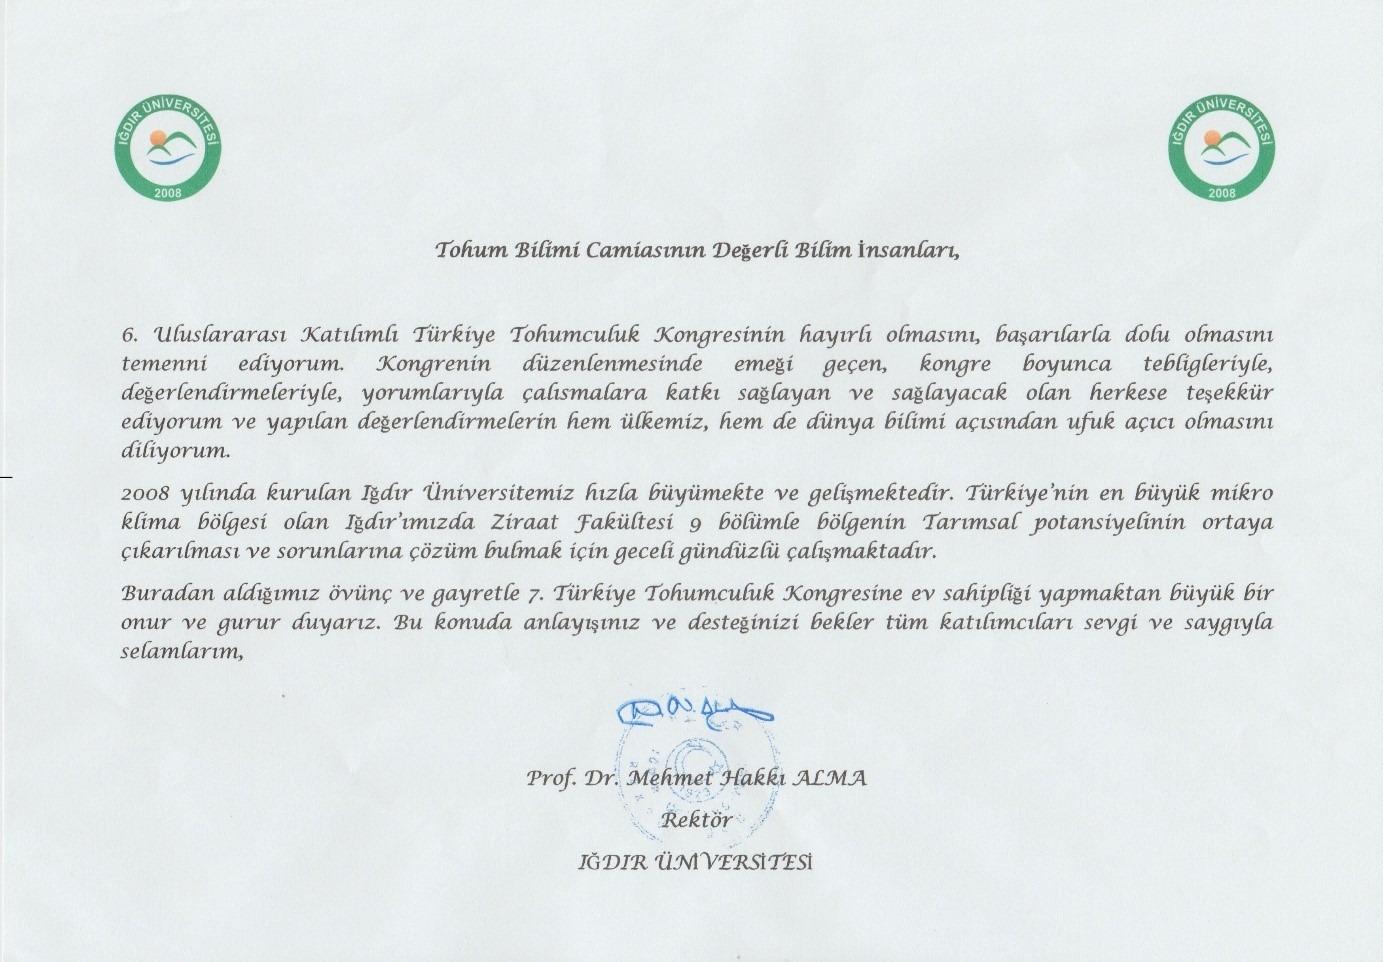 7. Türkiye Tohumculuk Kongresi Üniversitemizde Gerçekleştirilecek